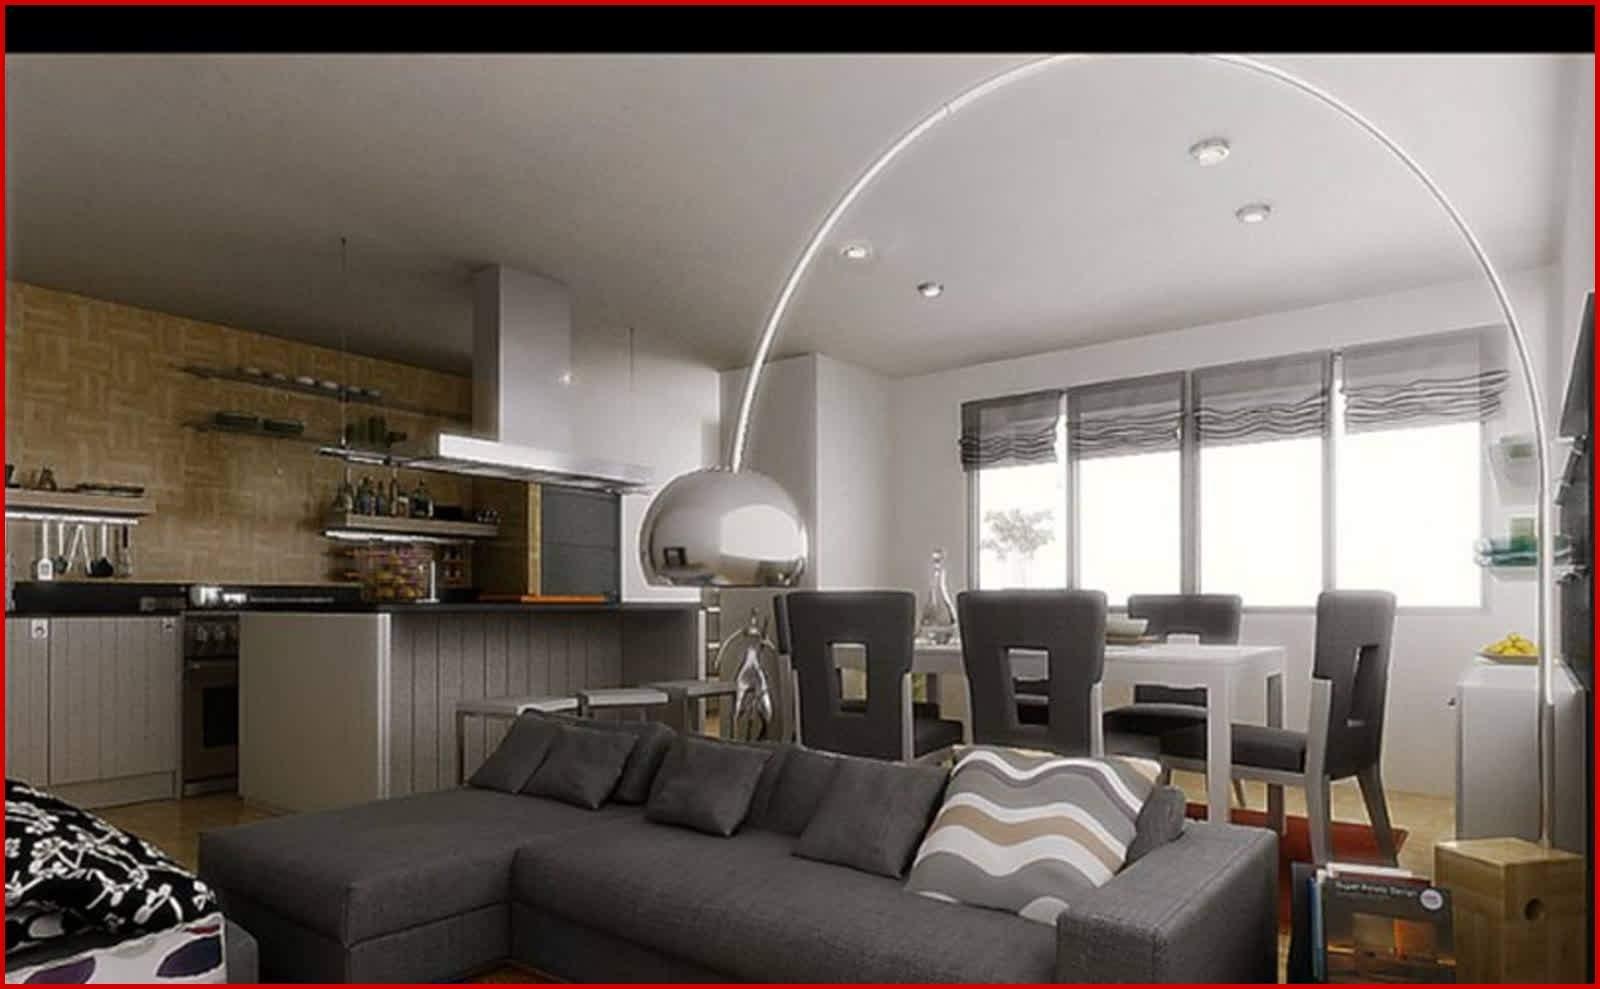 Full Size of Deckenspots Wohnzimmer Elegant Wieviel Led Spots Im Deckenlampe Wandbild Teppich Gardinen Für Landhausstil Schrank Stehleuchte Sideboard Deckenlampen Modern Wohnzimmer Deckenspots Wohnzimmer